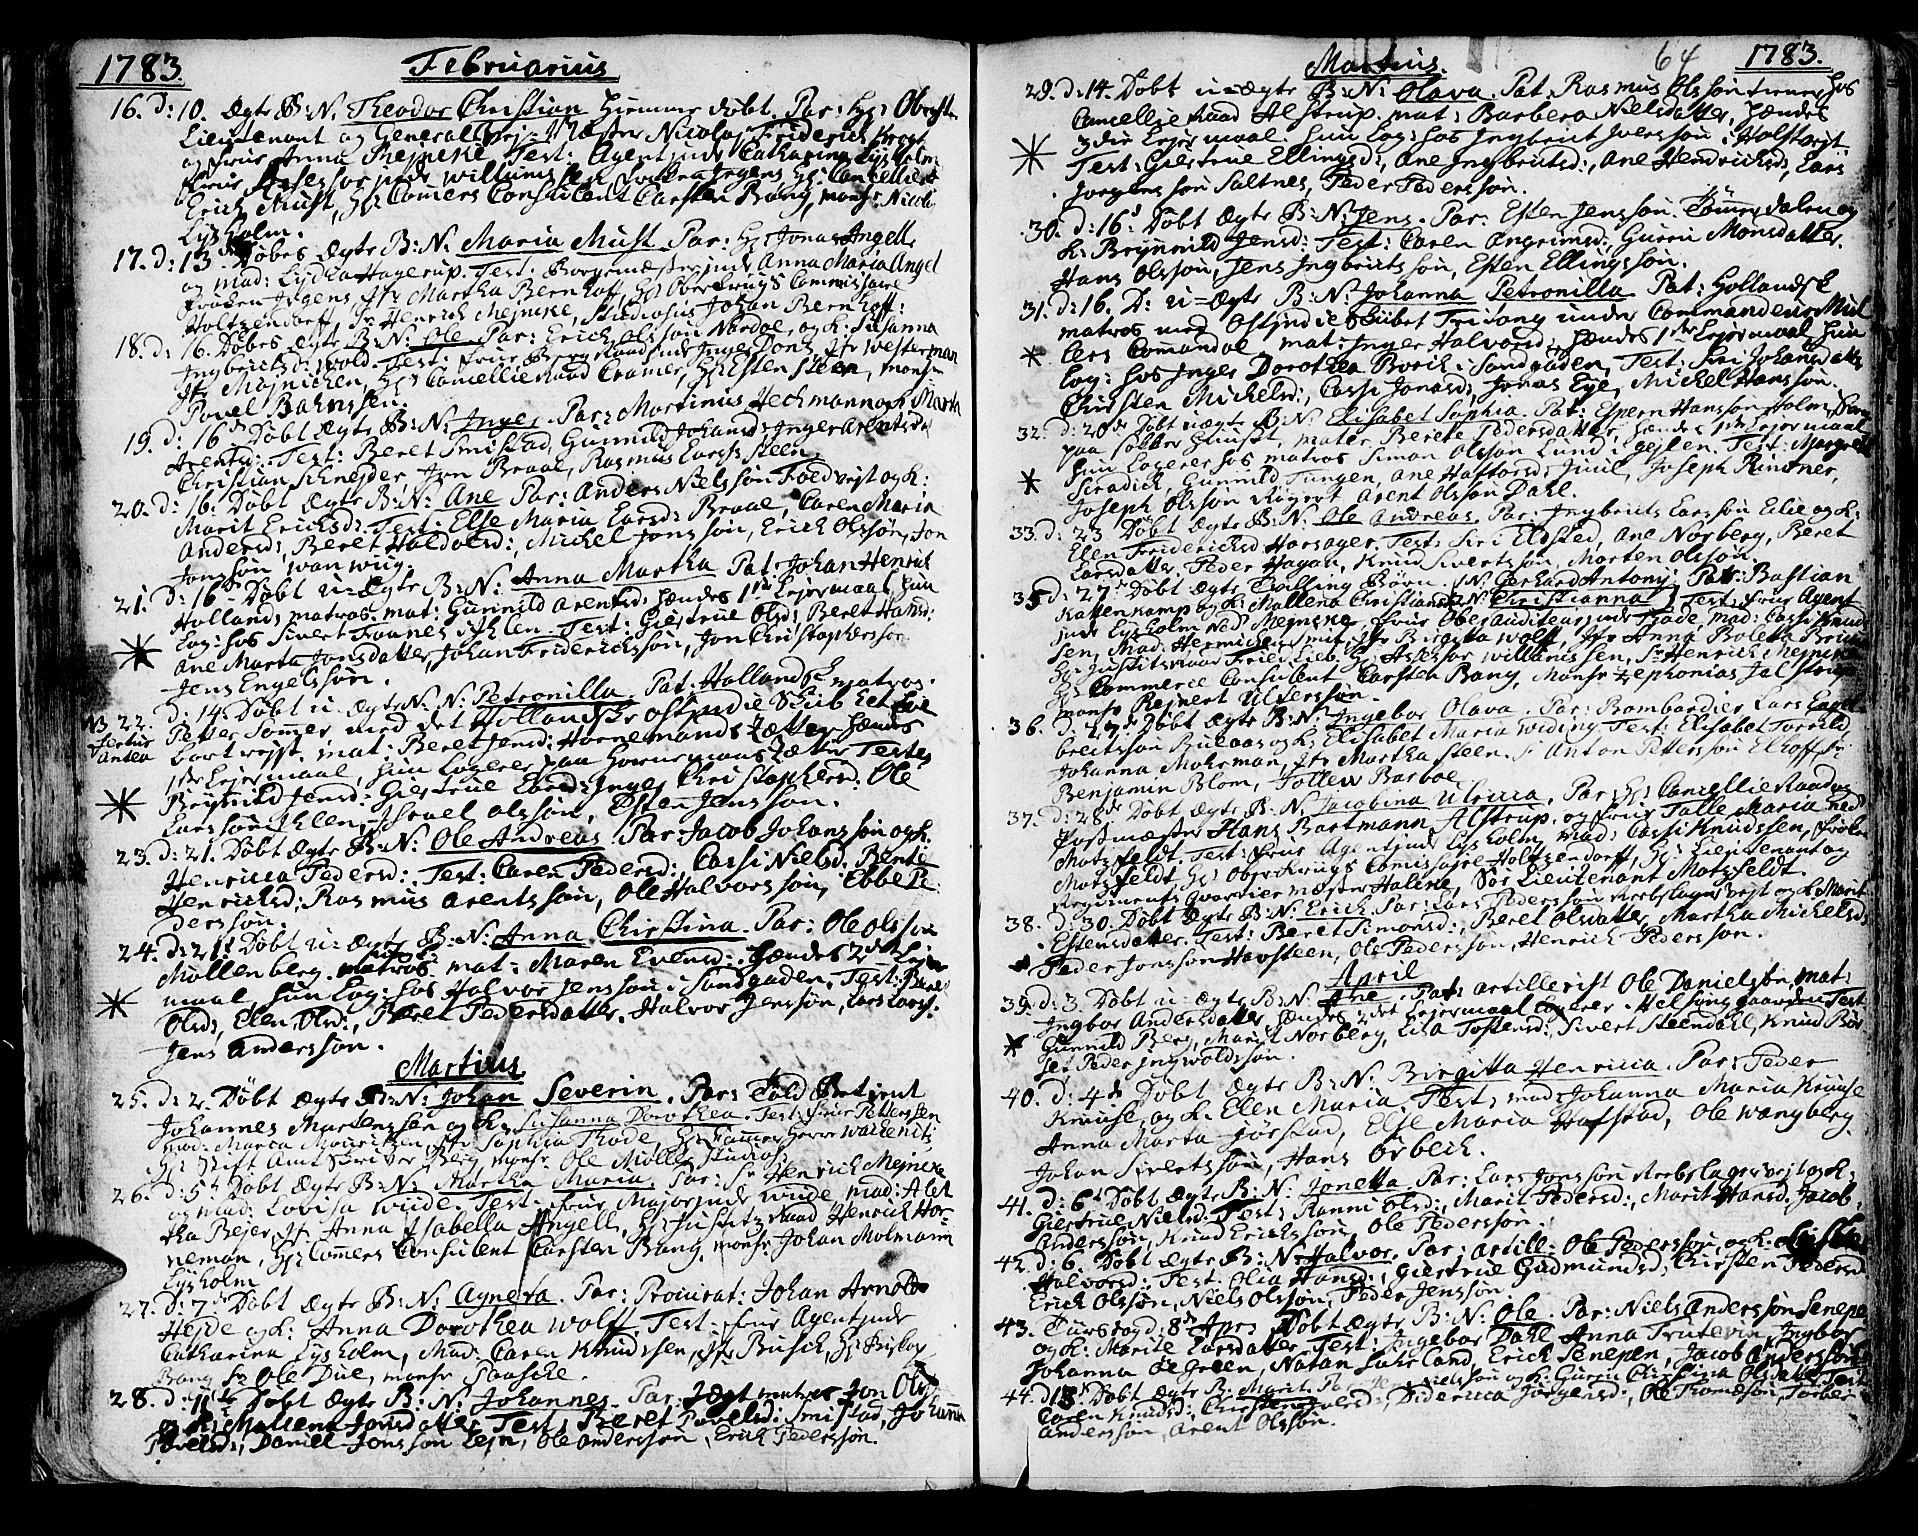 SAT, Ministerialprotokoller, klokkerbøker og fødselsregistre - Sør-Trøndelag, 601/L0039: Ministerialbok nr. 601A07, 1770-1819, s. 64